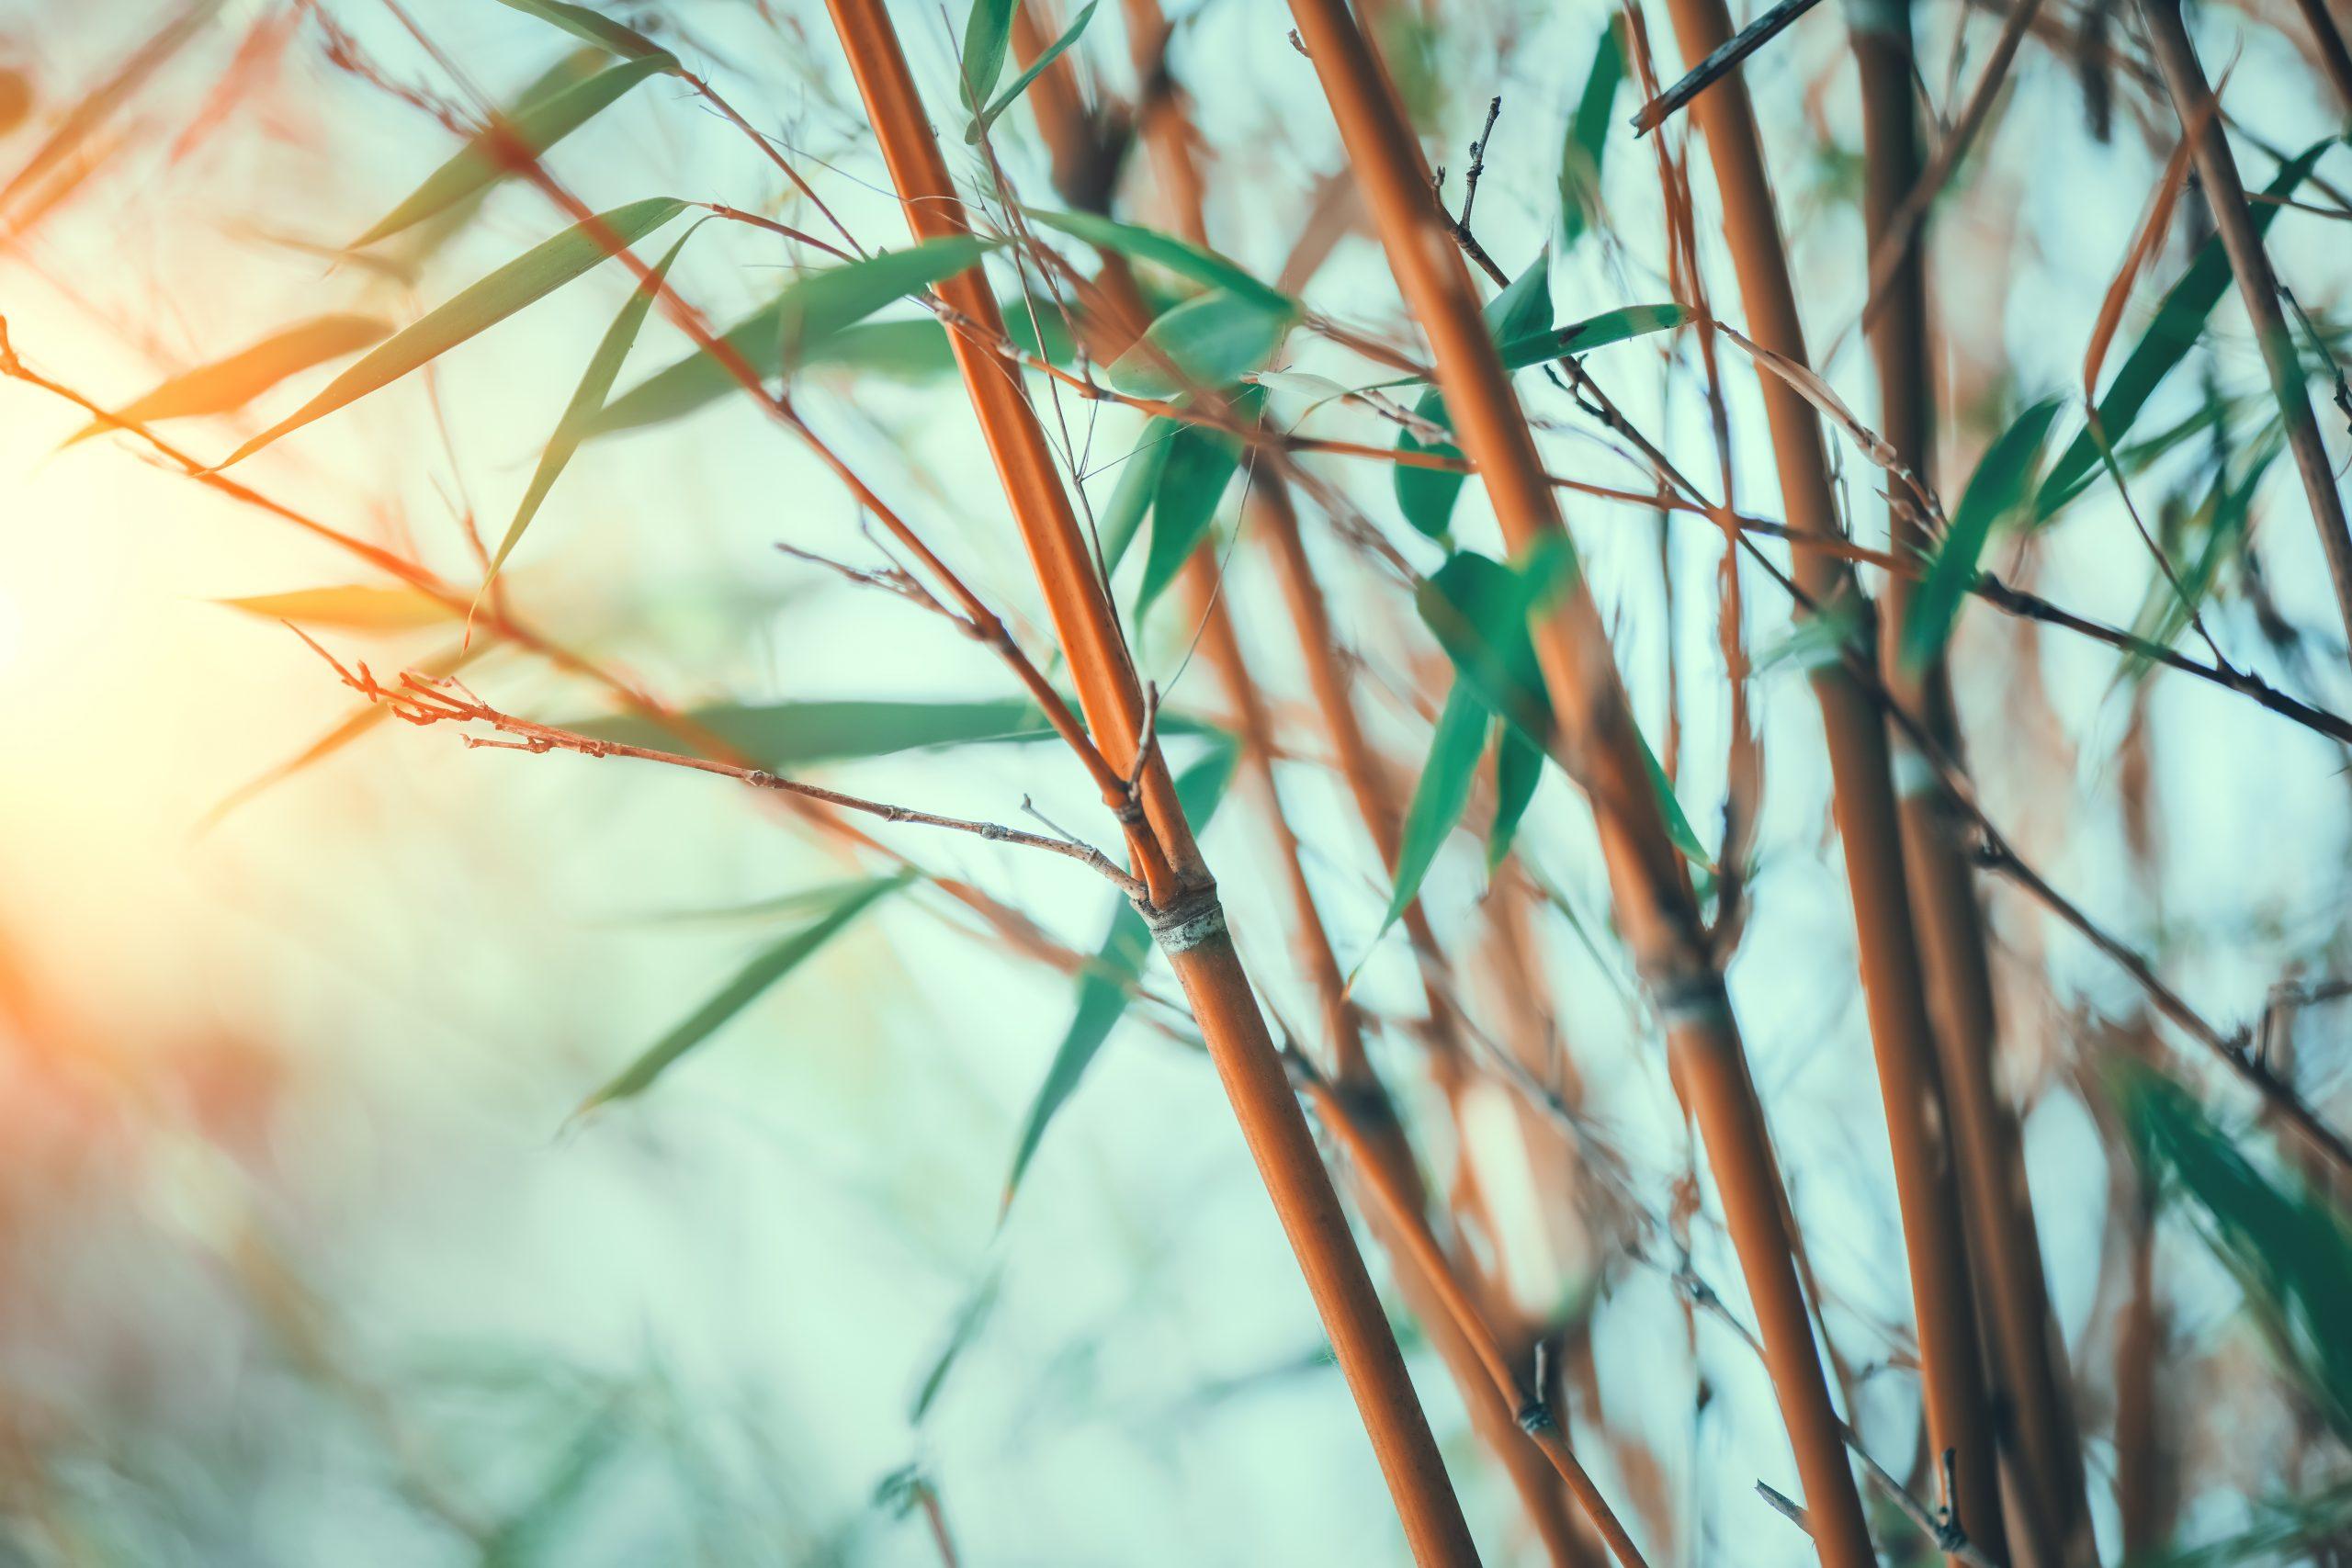 sfeerfoto bamboe wat wordt gebruikt voor duurzaam cadeaupakket